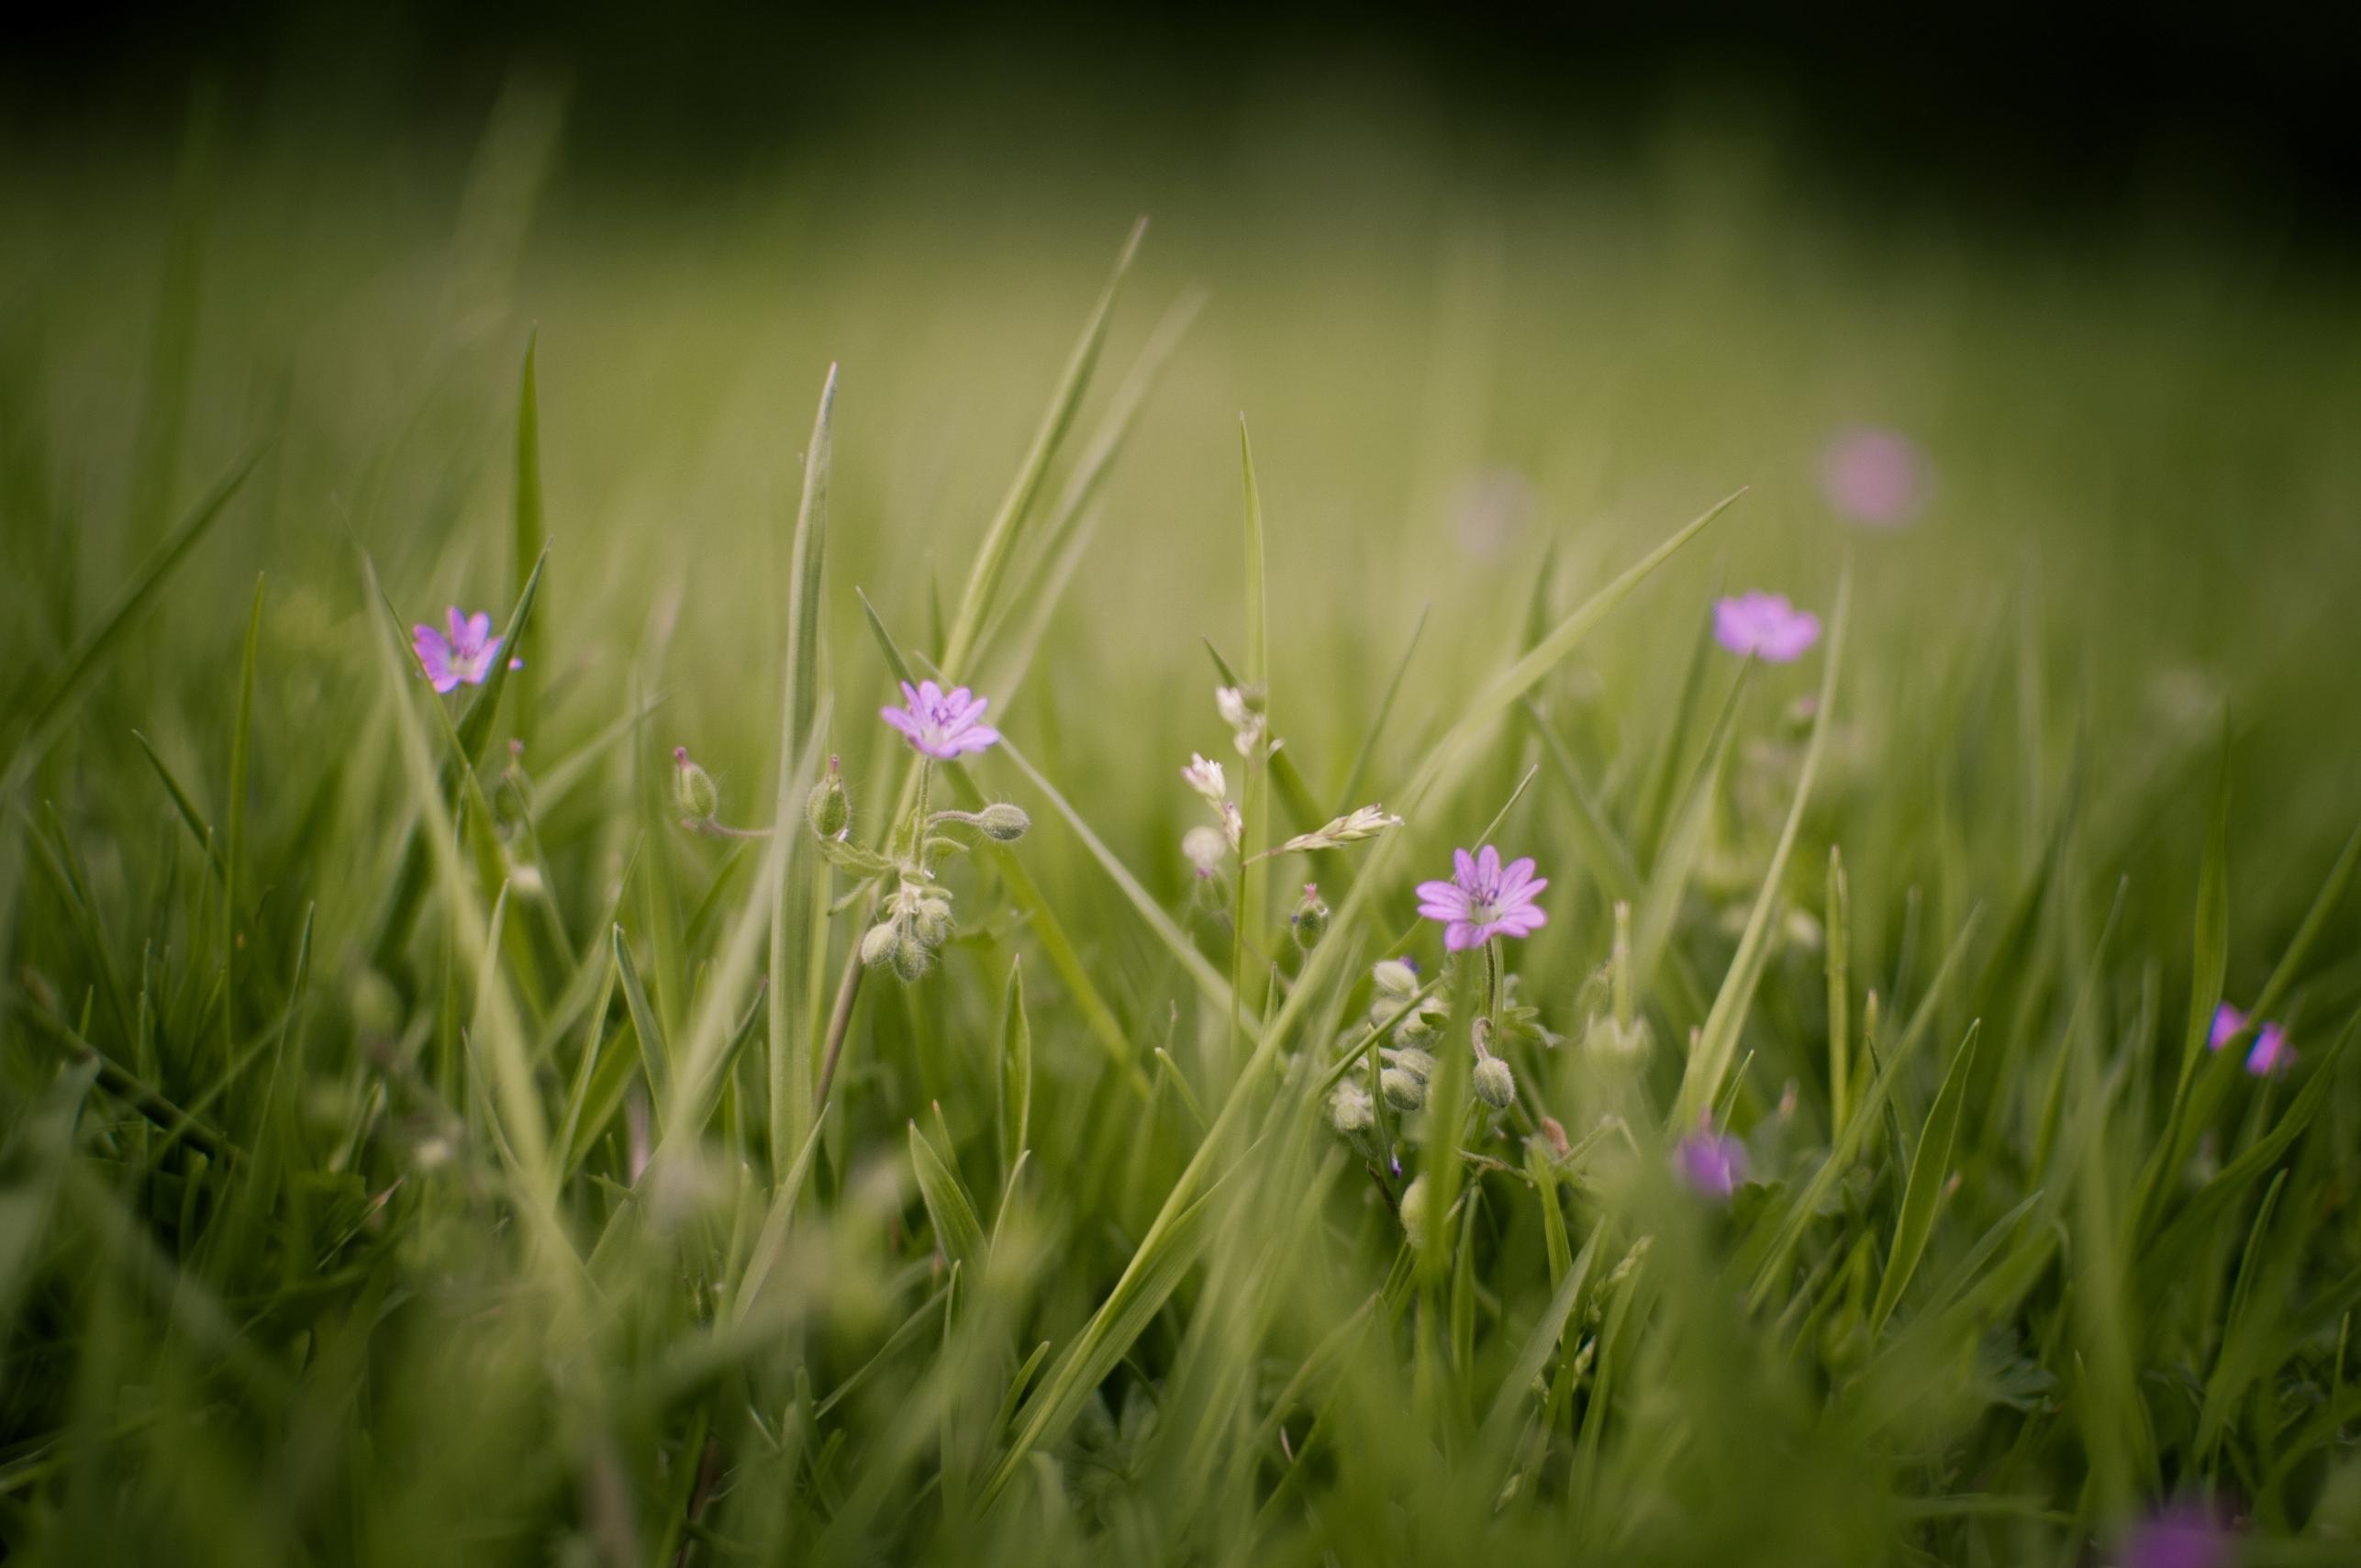 природа макро трава  № 2758812 загрузить